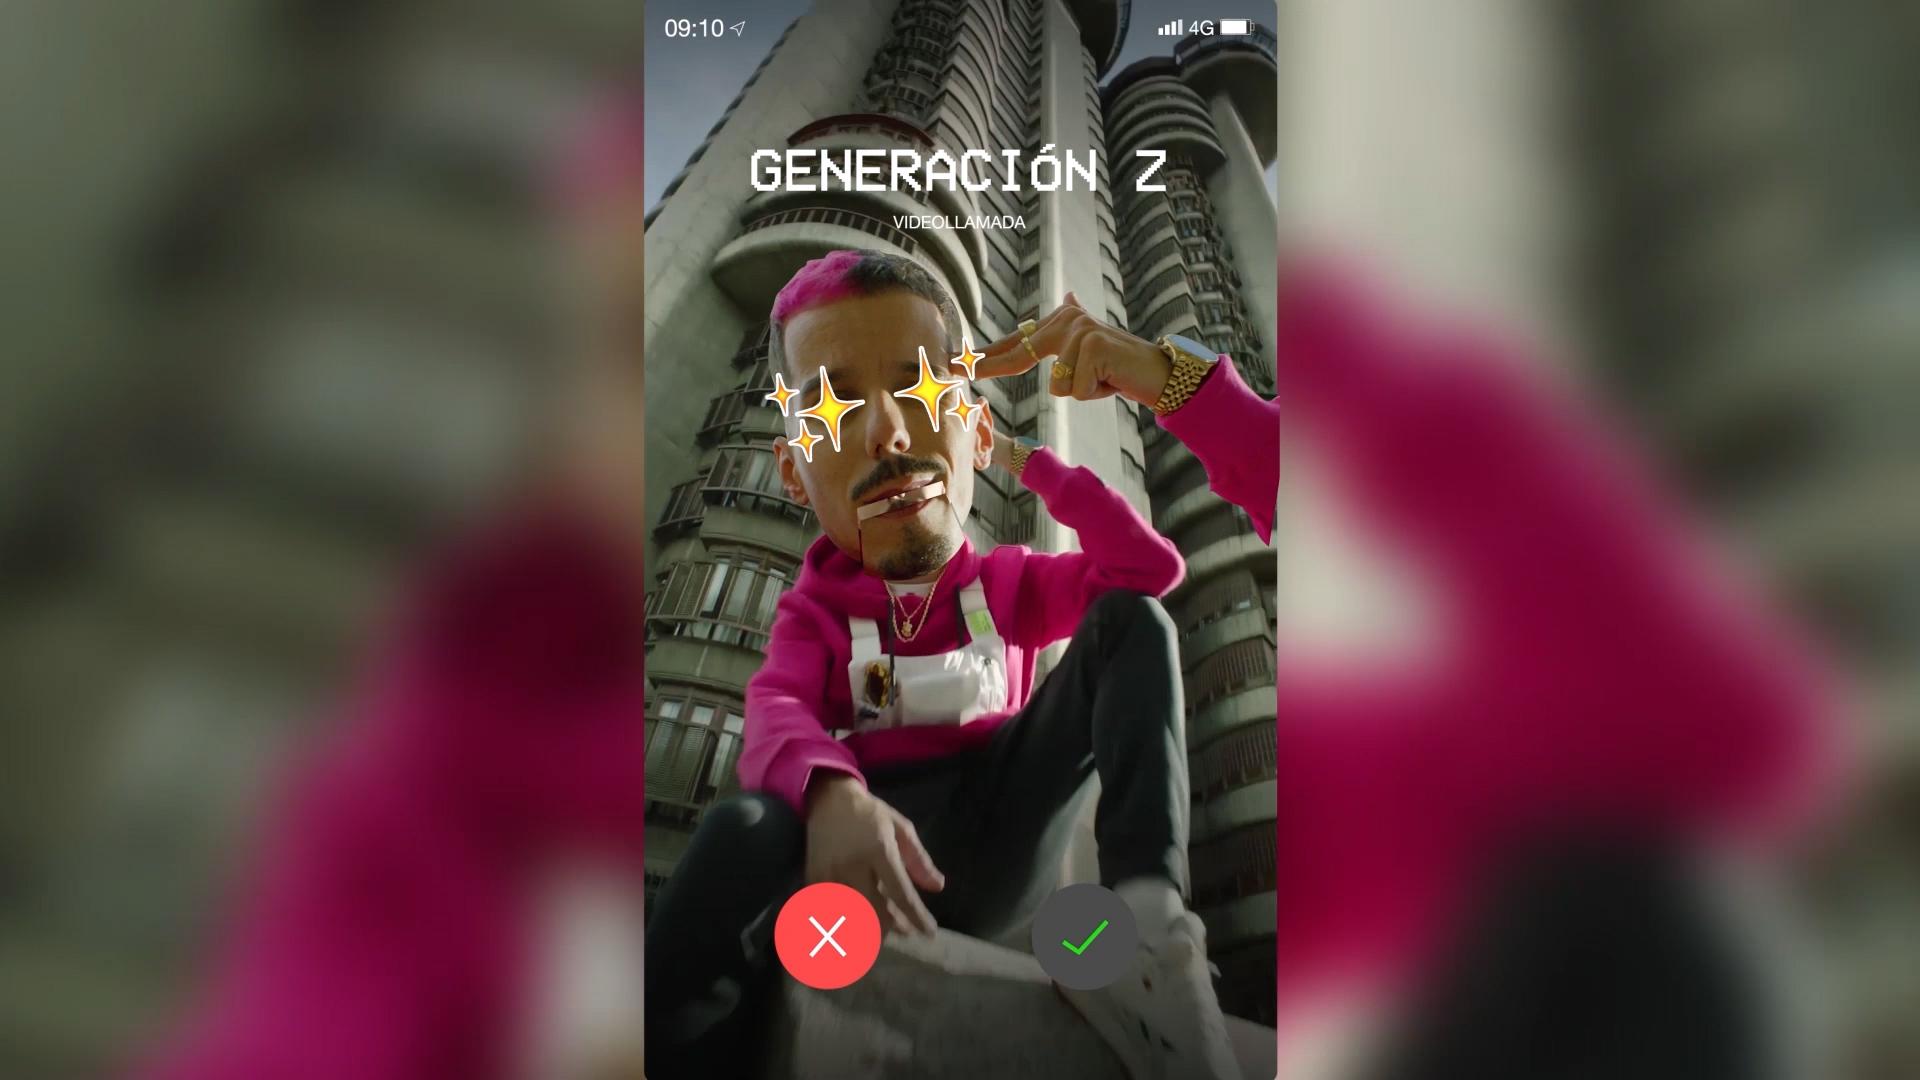 La Generación Z no tiene ni voz ni voto